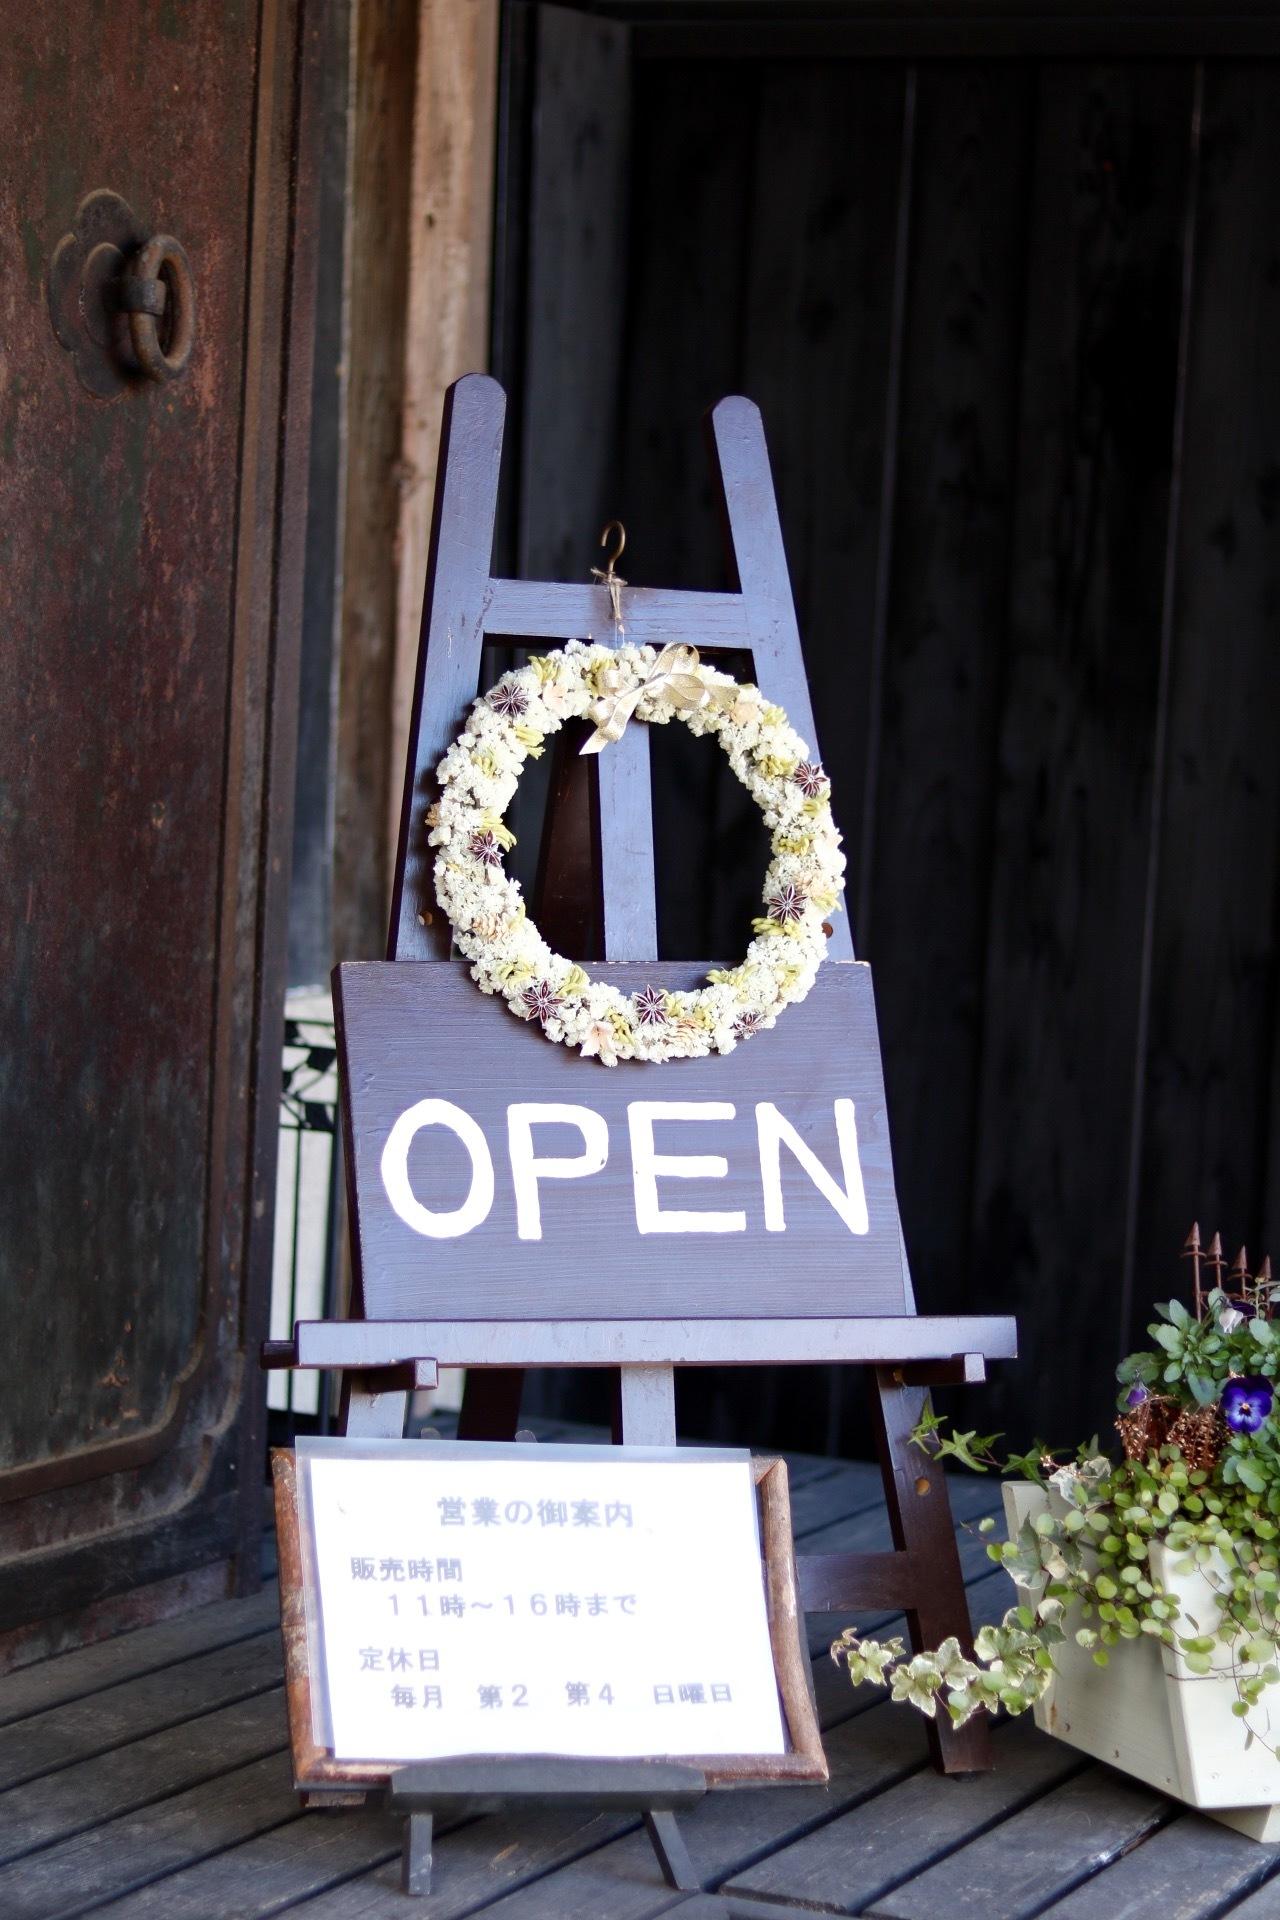 行田市の足袋蔵パン工房ryeさん_c0366722_21022349.jpeg